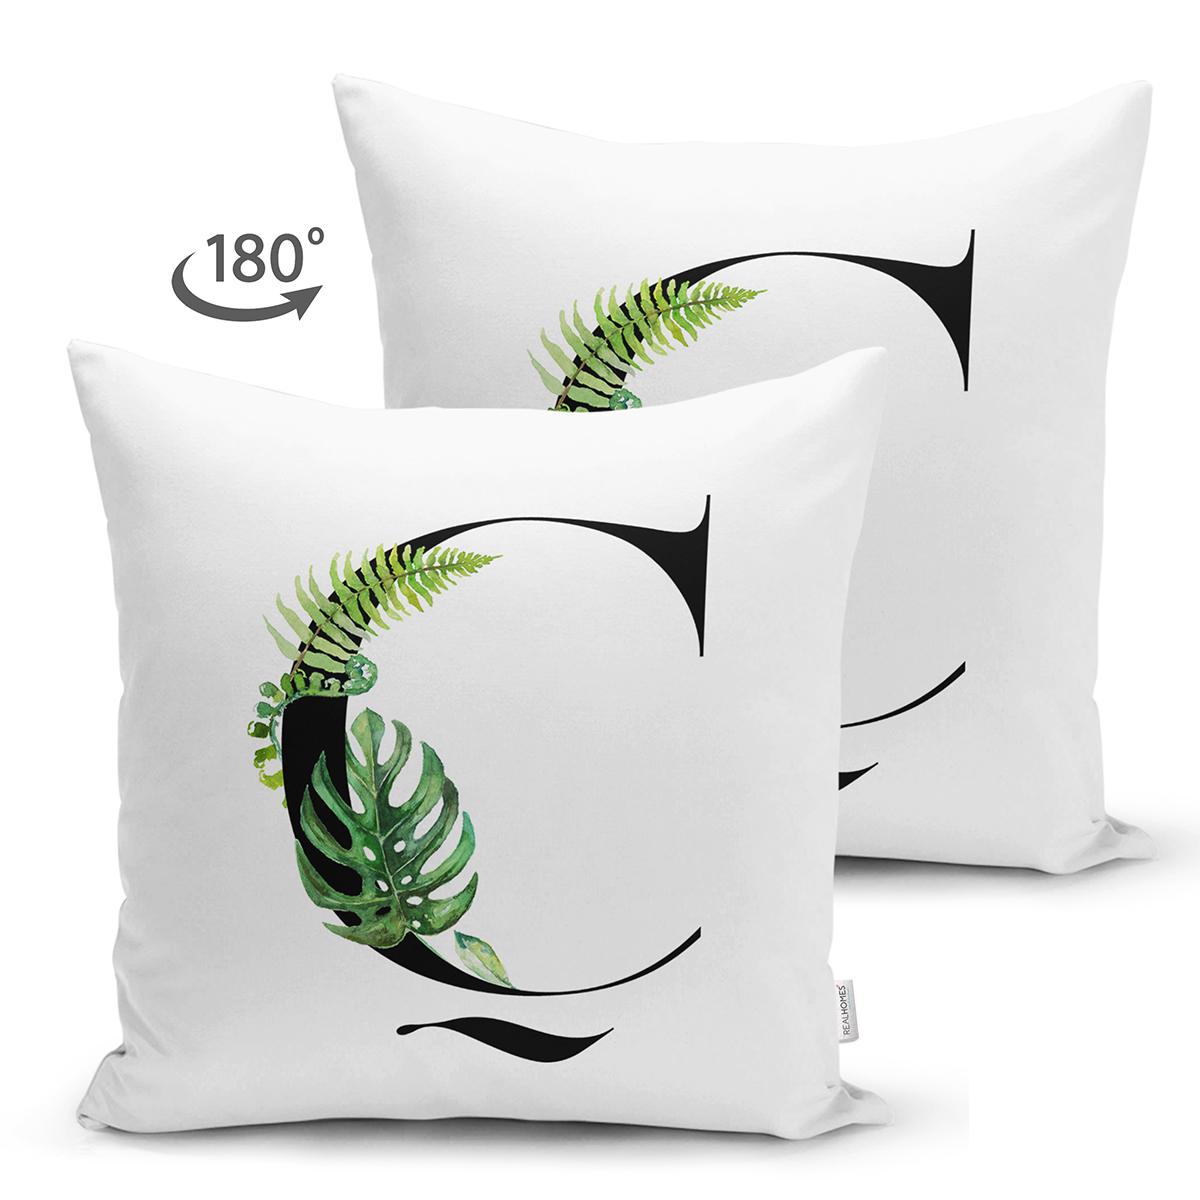 Beyaz Zemin Yaprak Motifli Siyah Ç Harfi Özel Tasarım Modern Suet Yastık Kırlent Kılıfı Realhomes